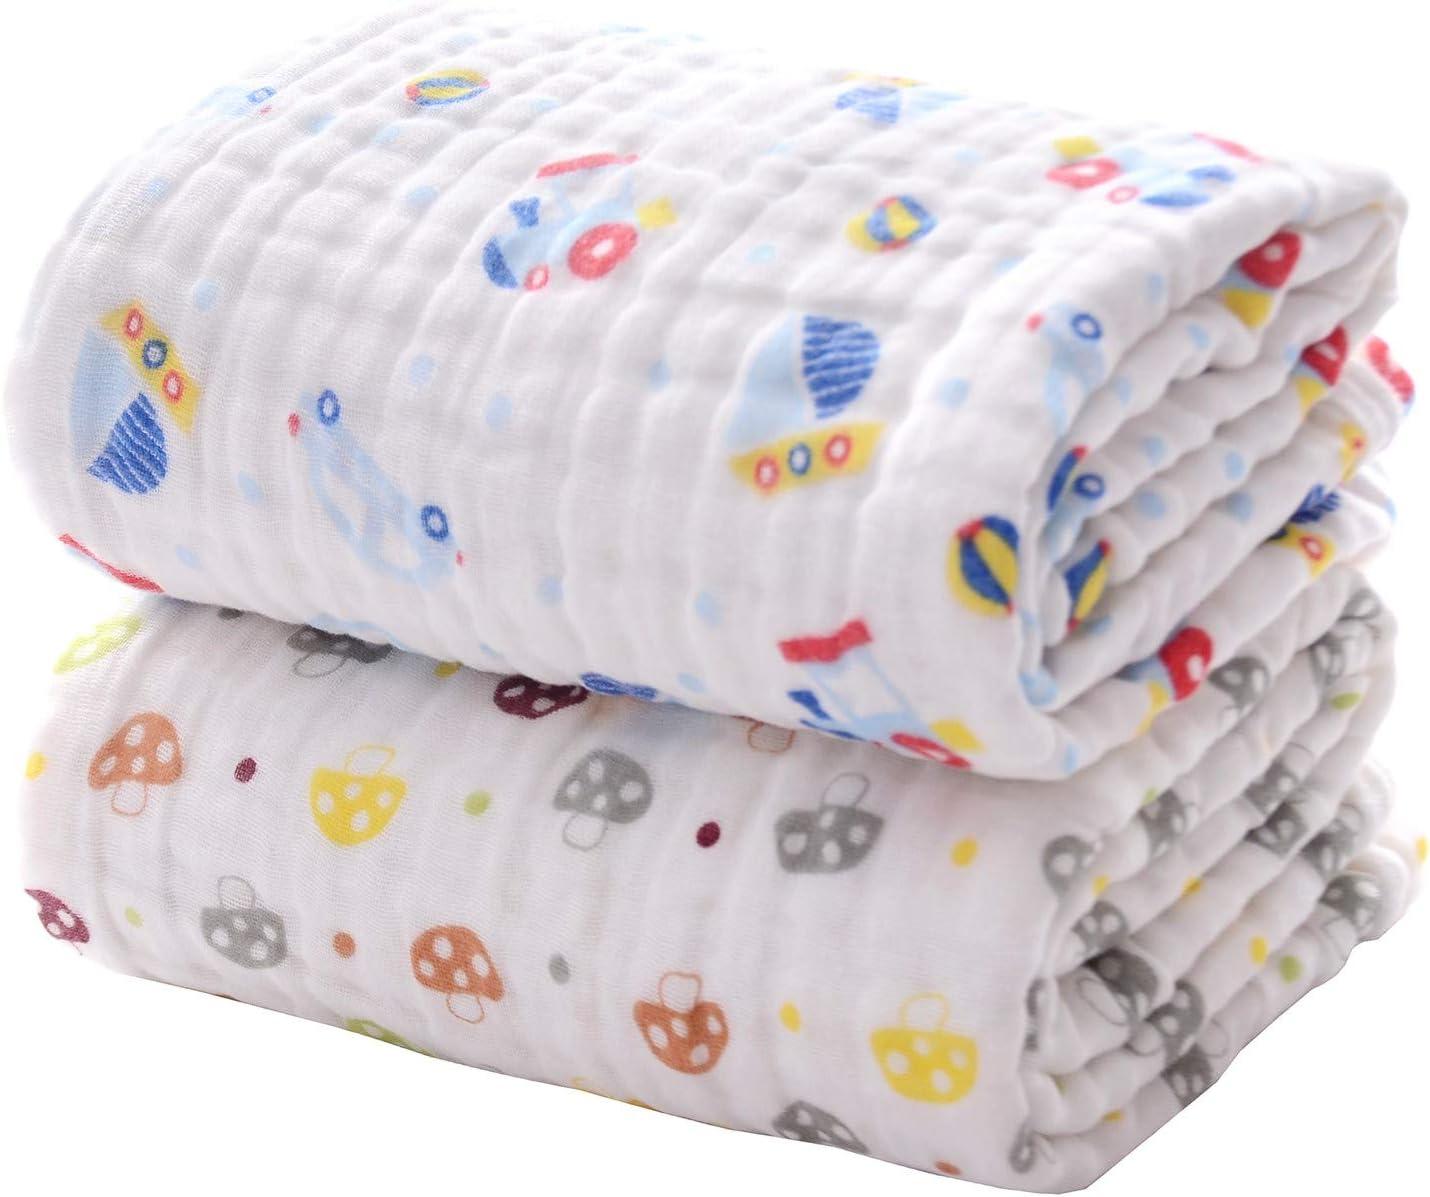 Wanshchan Lot de 2 serviettes de bain en mousseline de coton ultra douces et super absorbantes pour nouveau-n/é ou tout-petits.